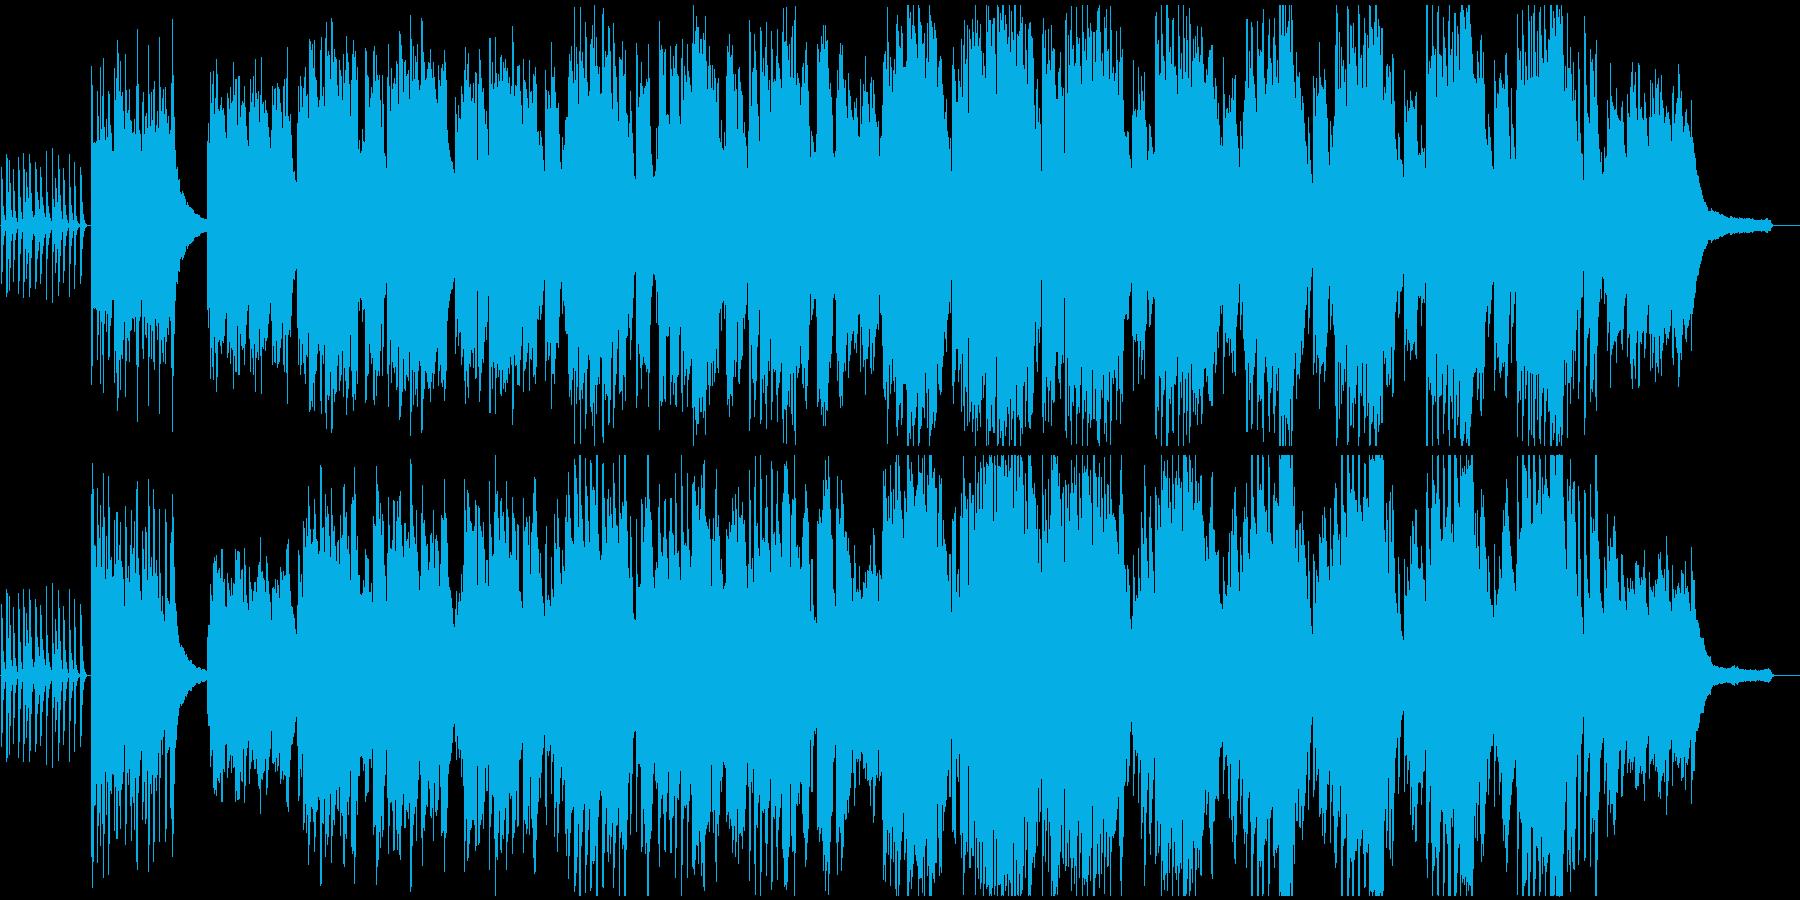 木琴とピアノが印象的な明るい歌の再生済みの波形